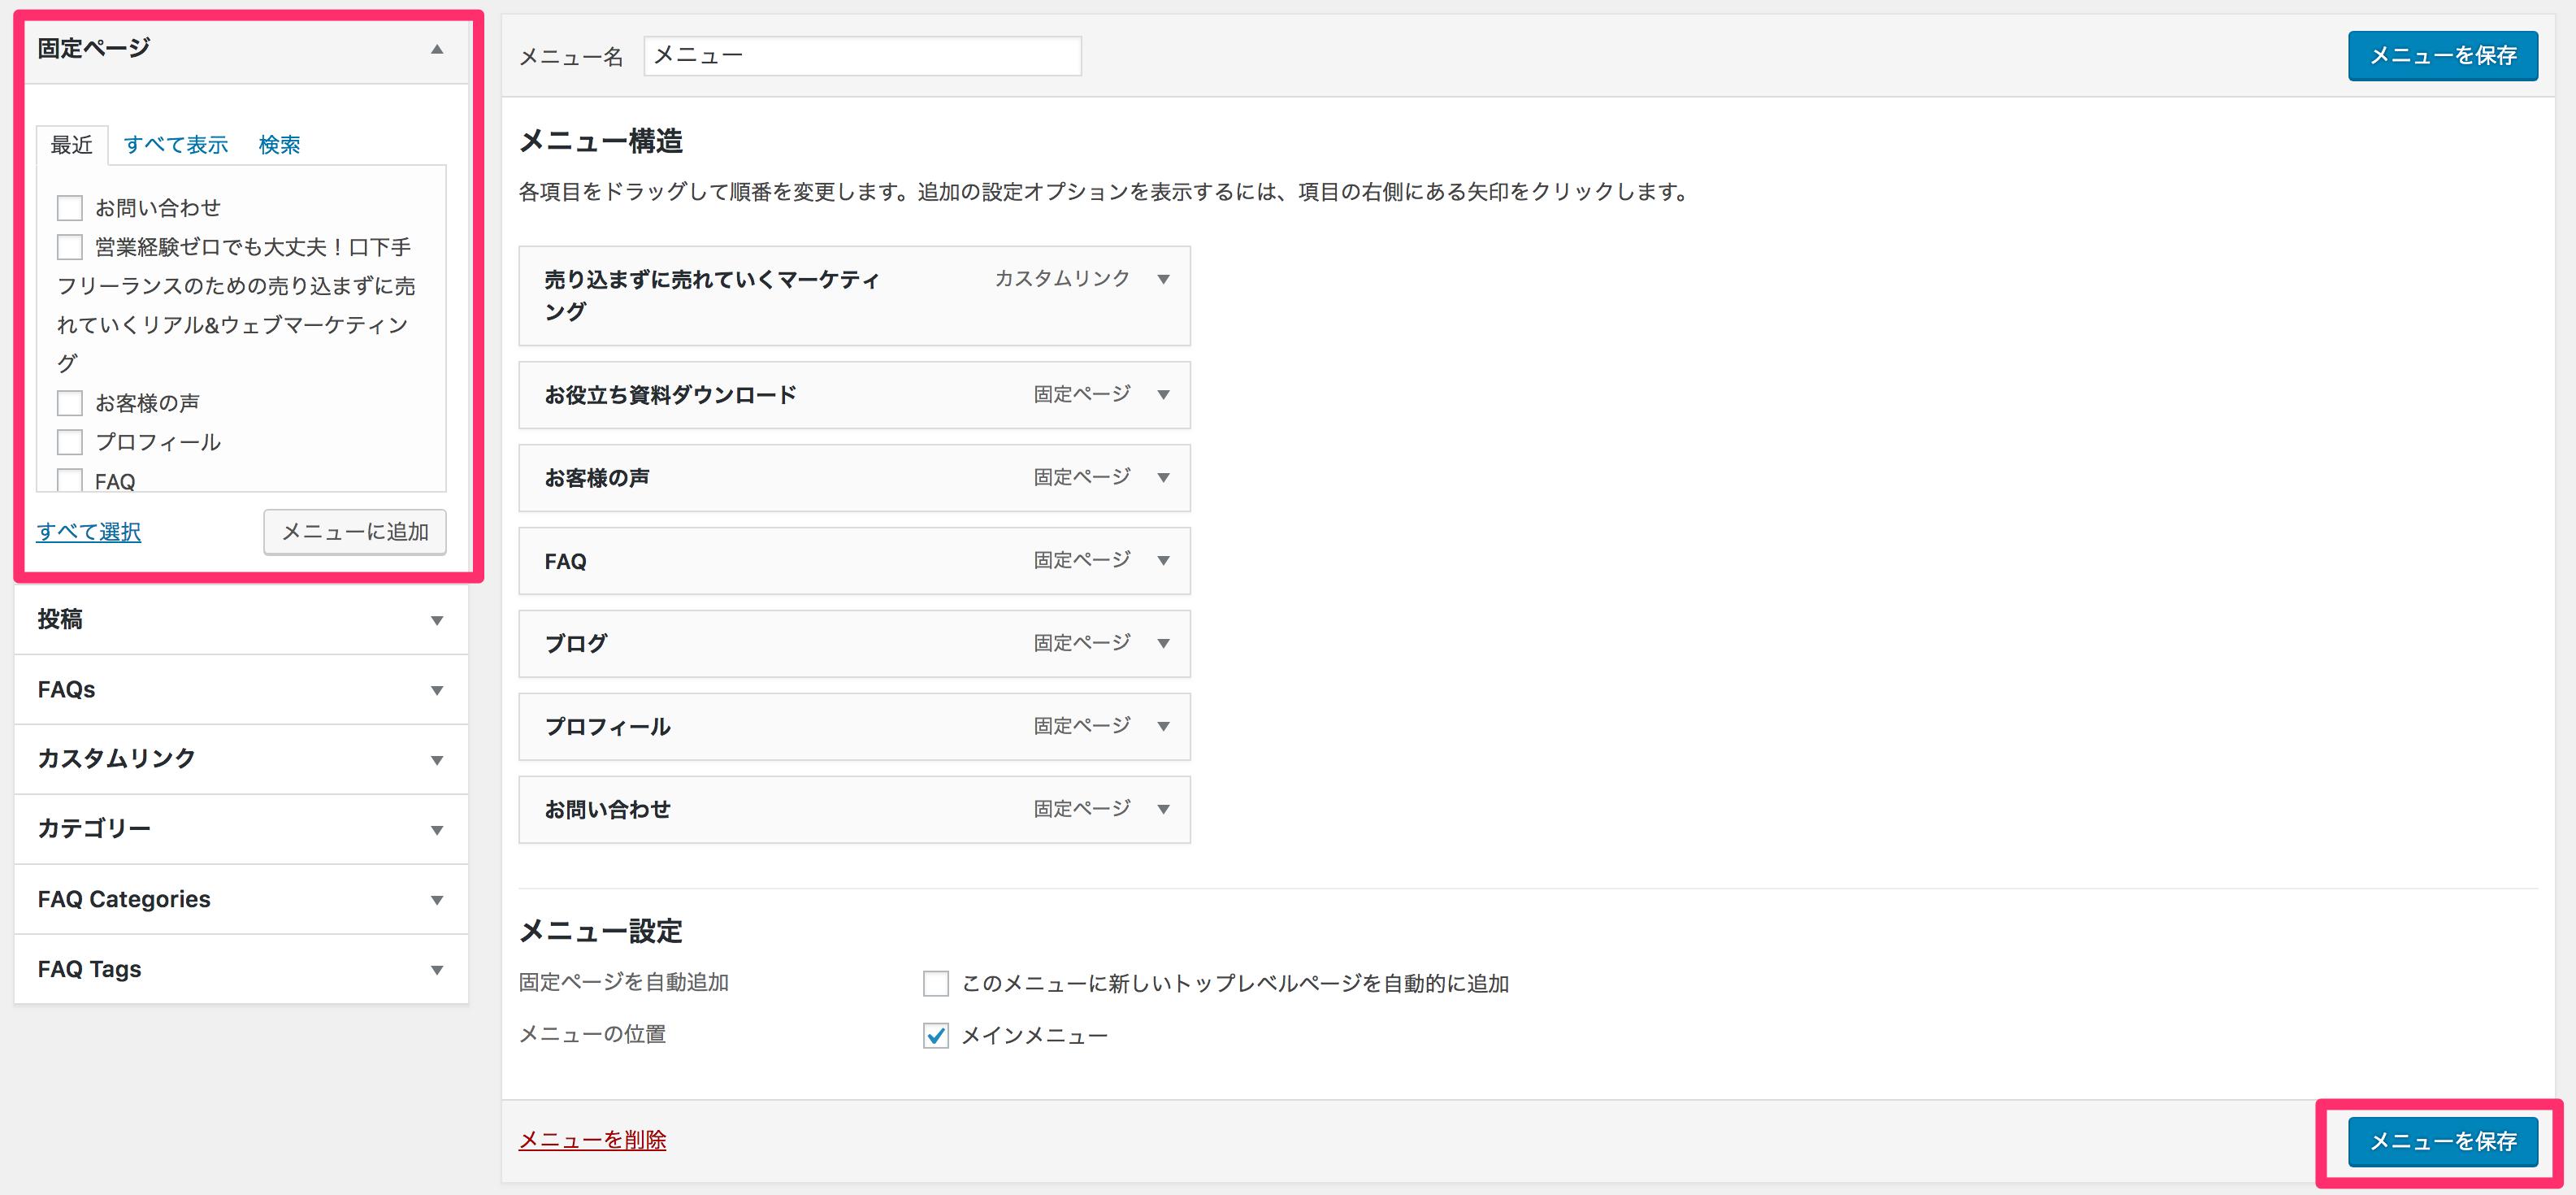 左の「固定ページ」からメニューに追加したい固定ページを選択し、[メニューに追加] ボタンをクリックすると、右の「メニュー構造」に追加されます